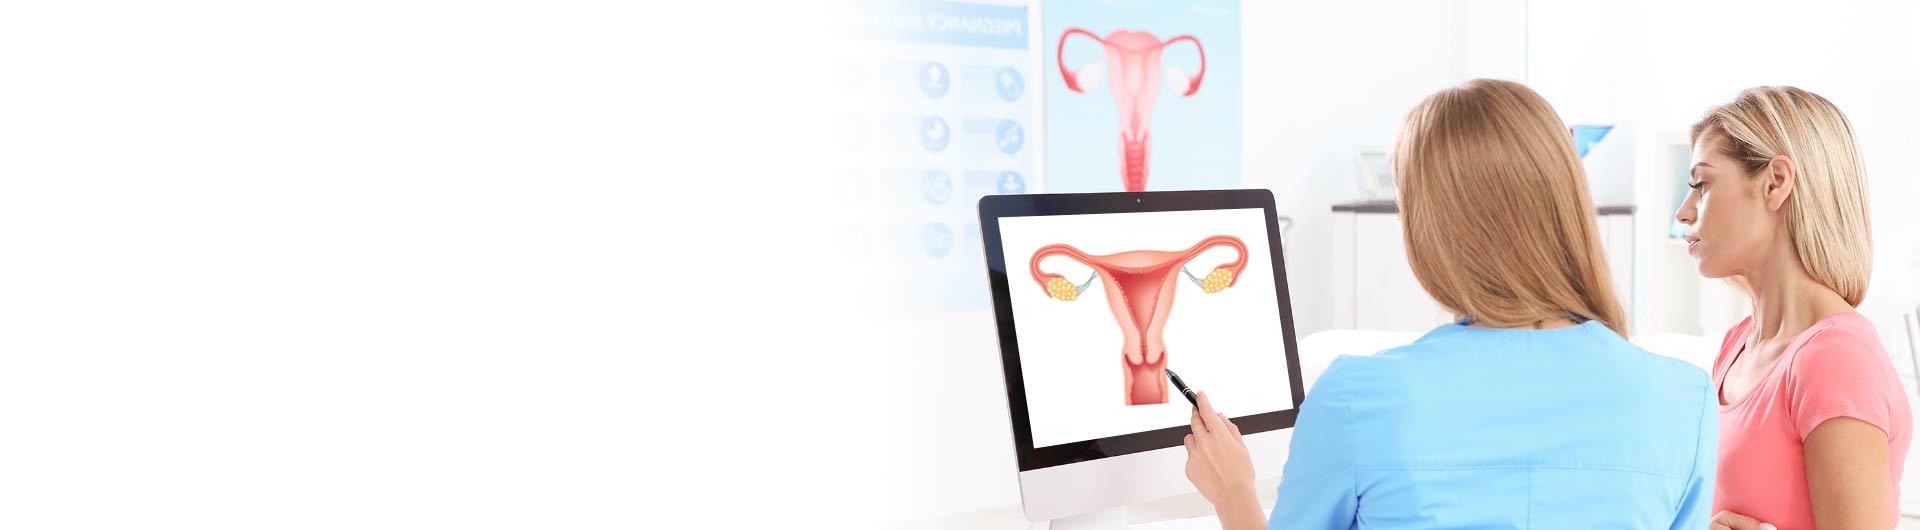 ginekološka ambulanta, ginekološki pregled, ginekološka ultrazvočna preiskava, ginekološki posegi in preiskave, hormonsko nadomestno zdravljenje, kontracepcijsko svetovanje, meritve kostne gostote